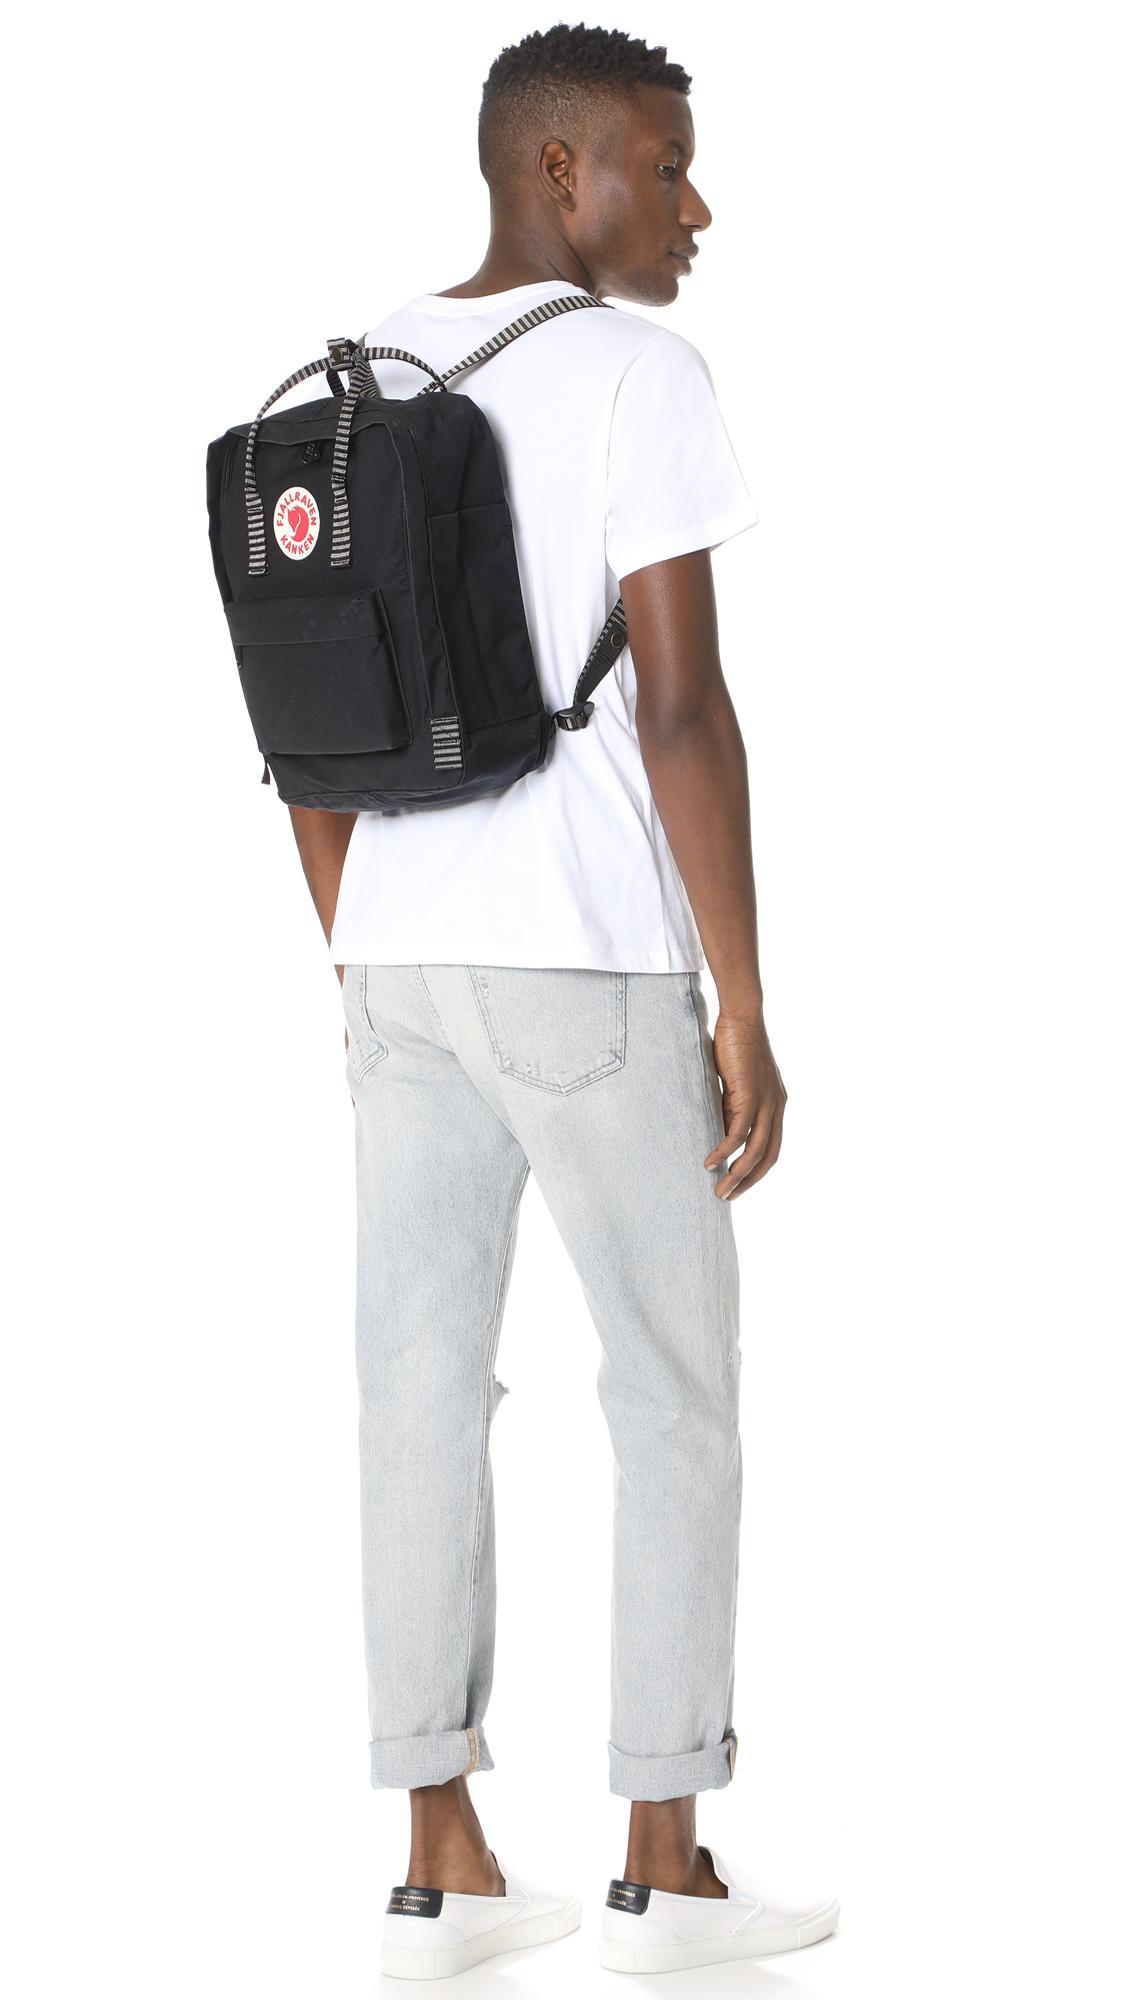 Fjallraven Backpack All Black Kanken No2 Full